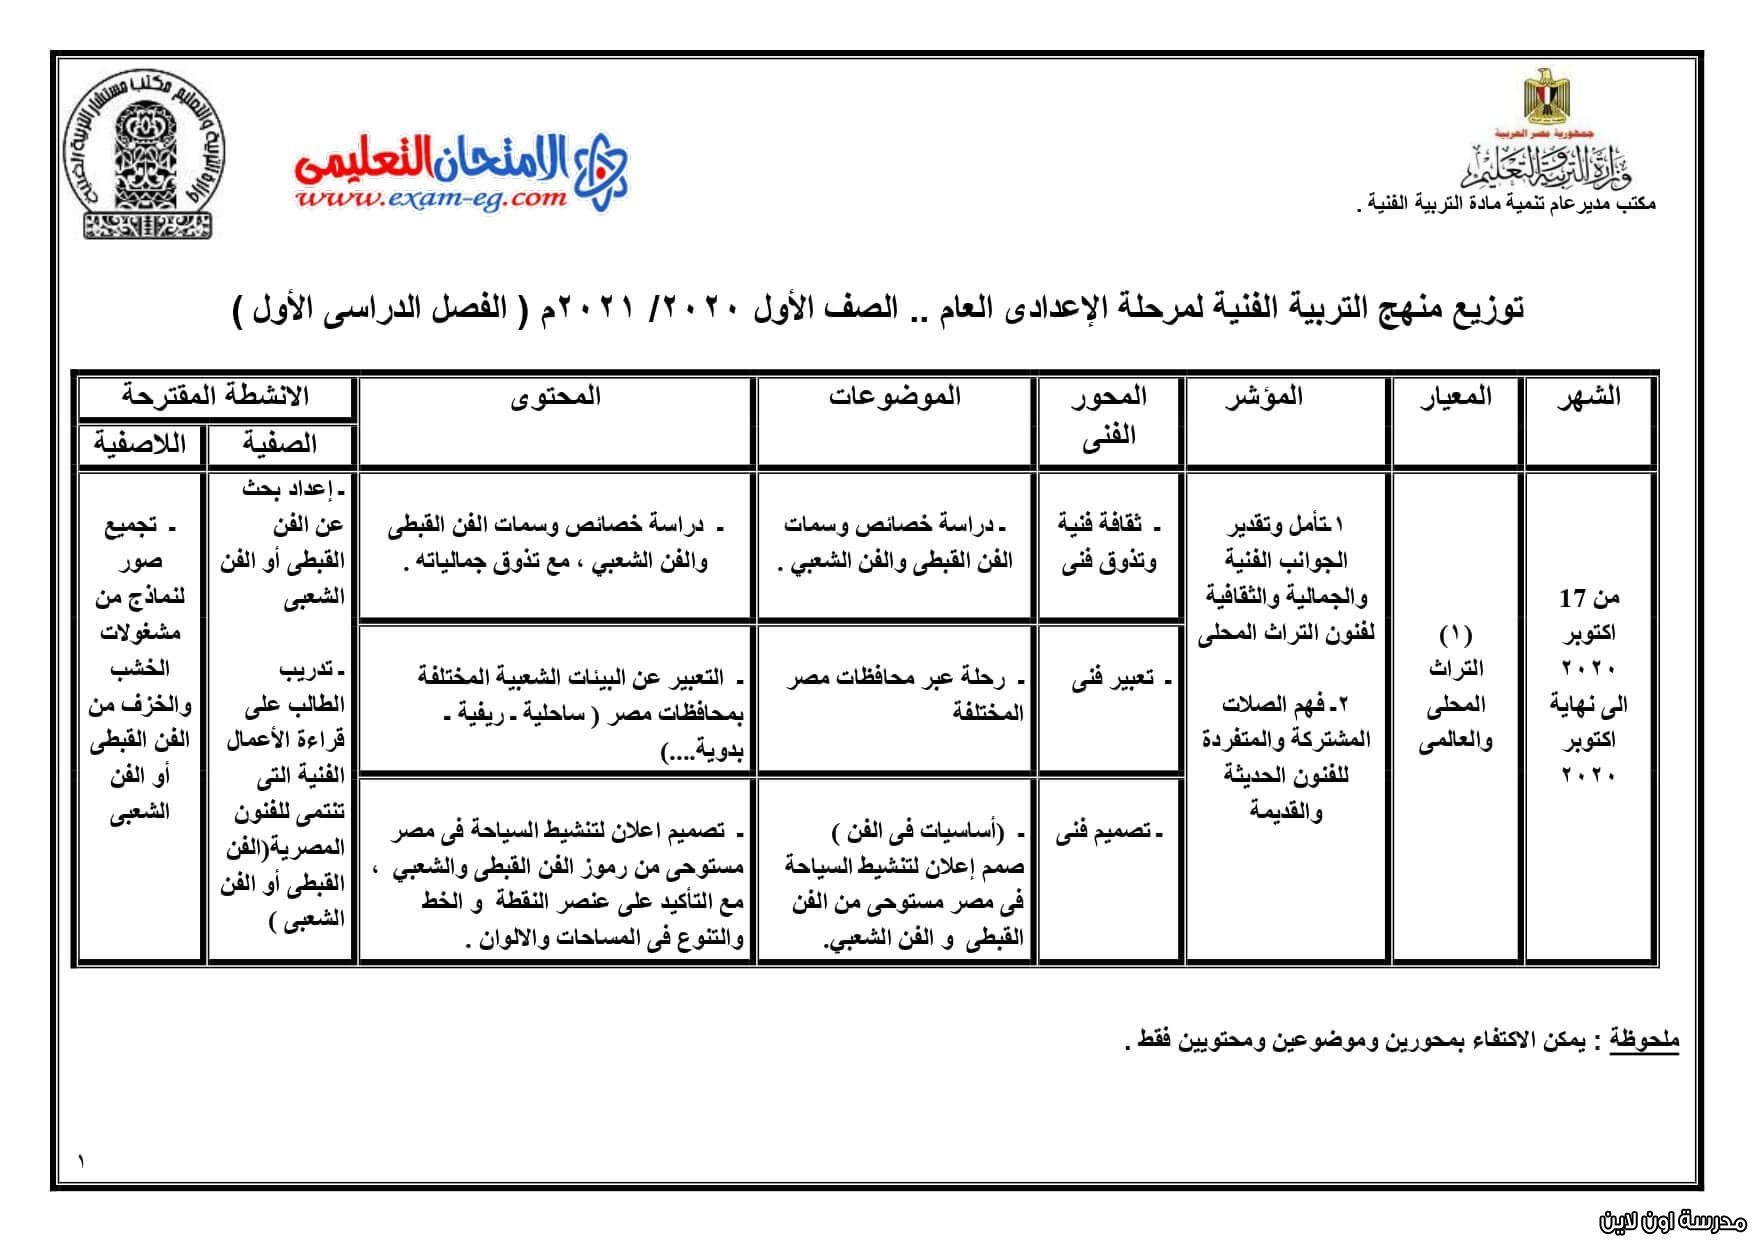 توزيع منهج التربية الفنية للصف الأول الإعدادي الترم الأول 2021 Exam Periodic Table